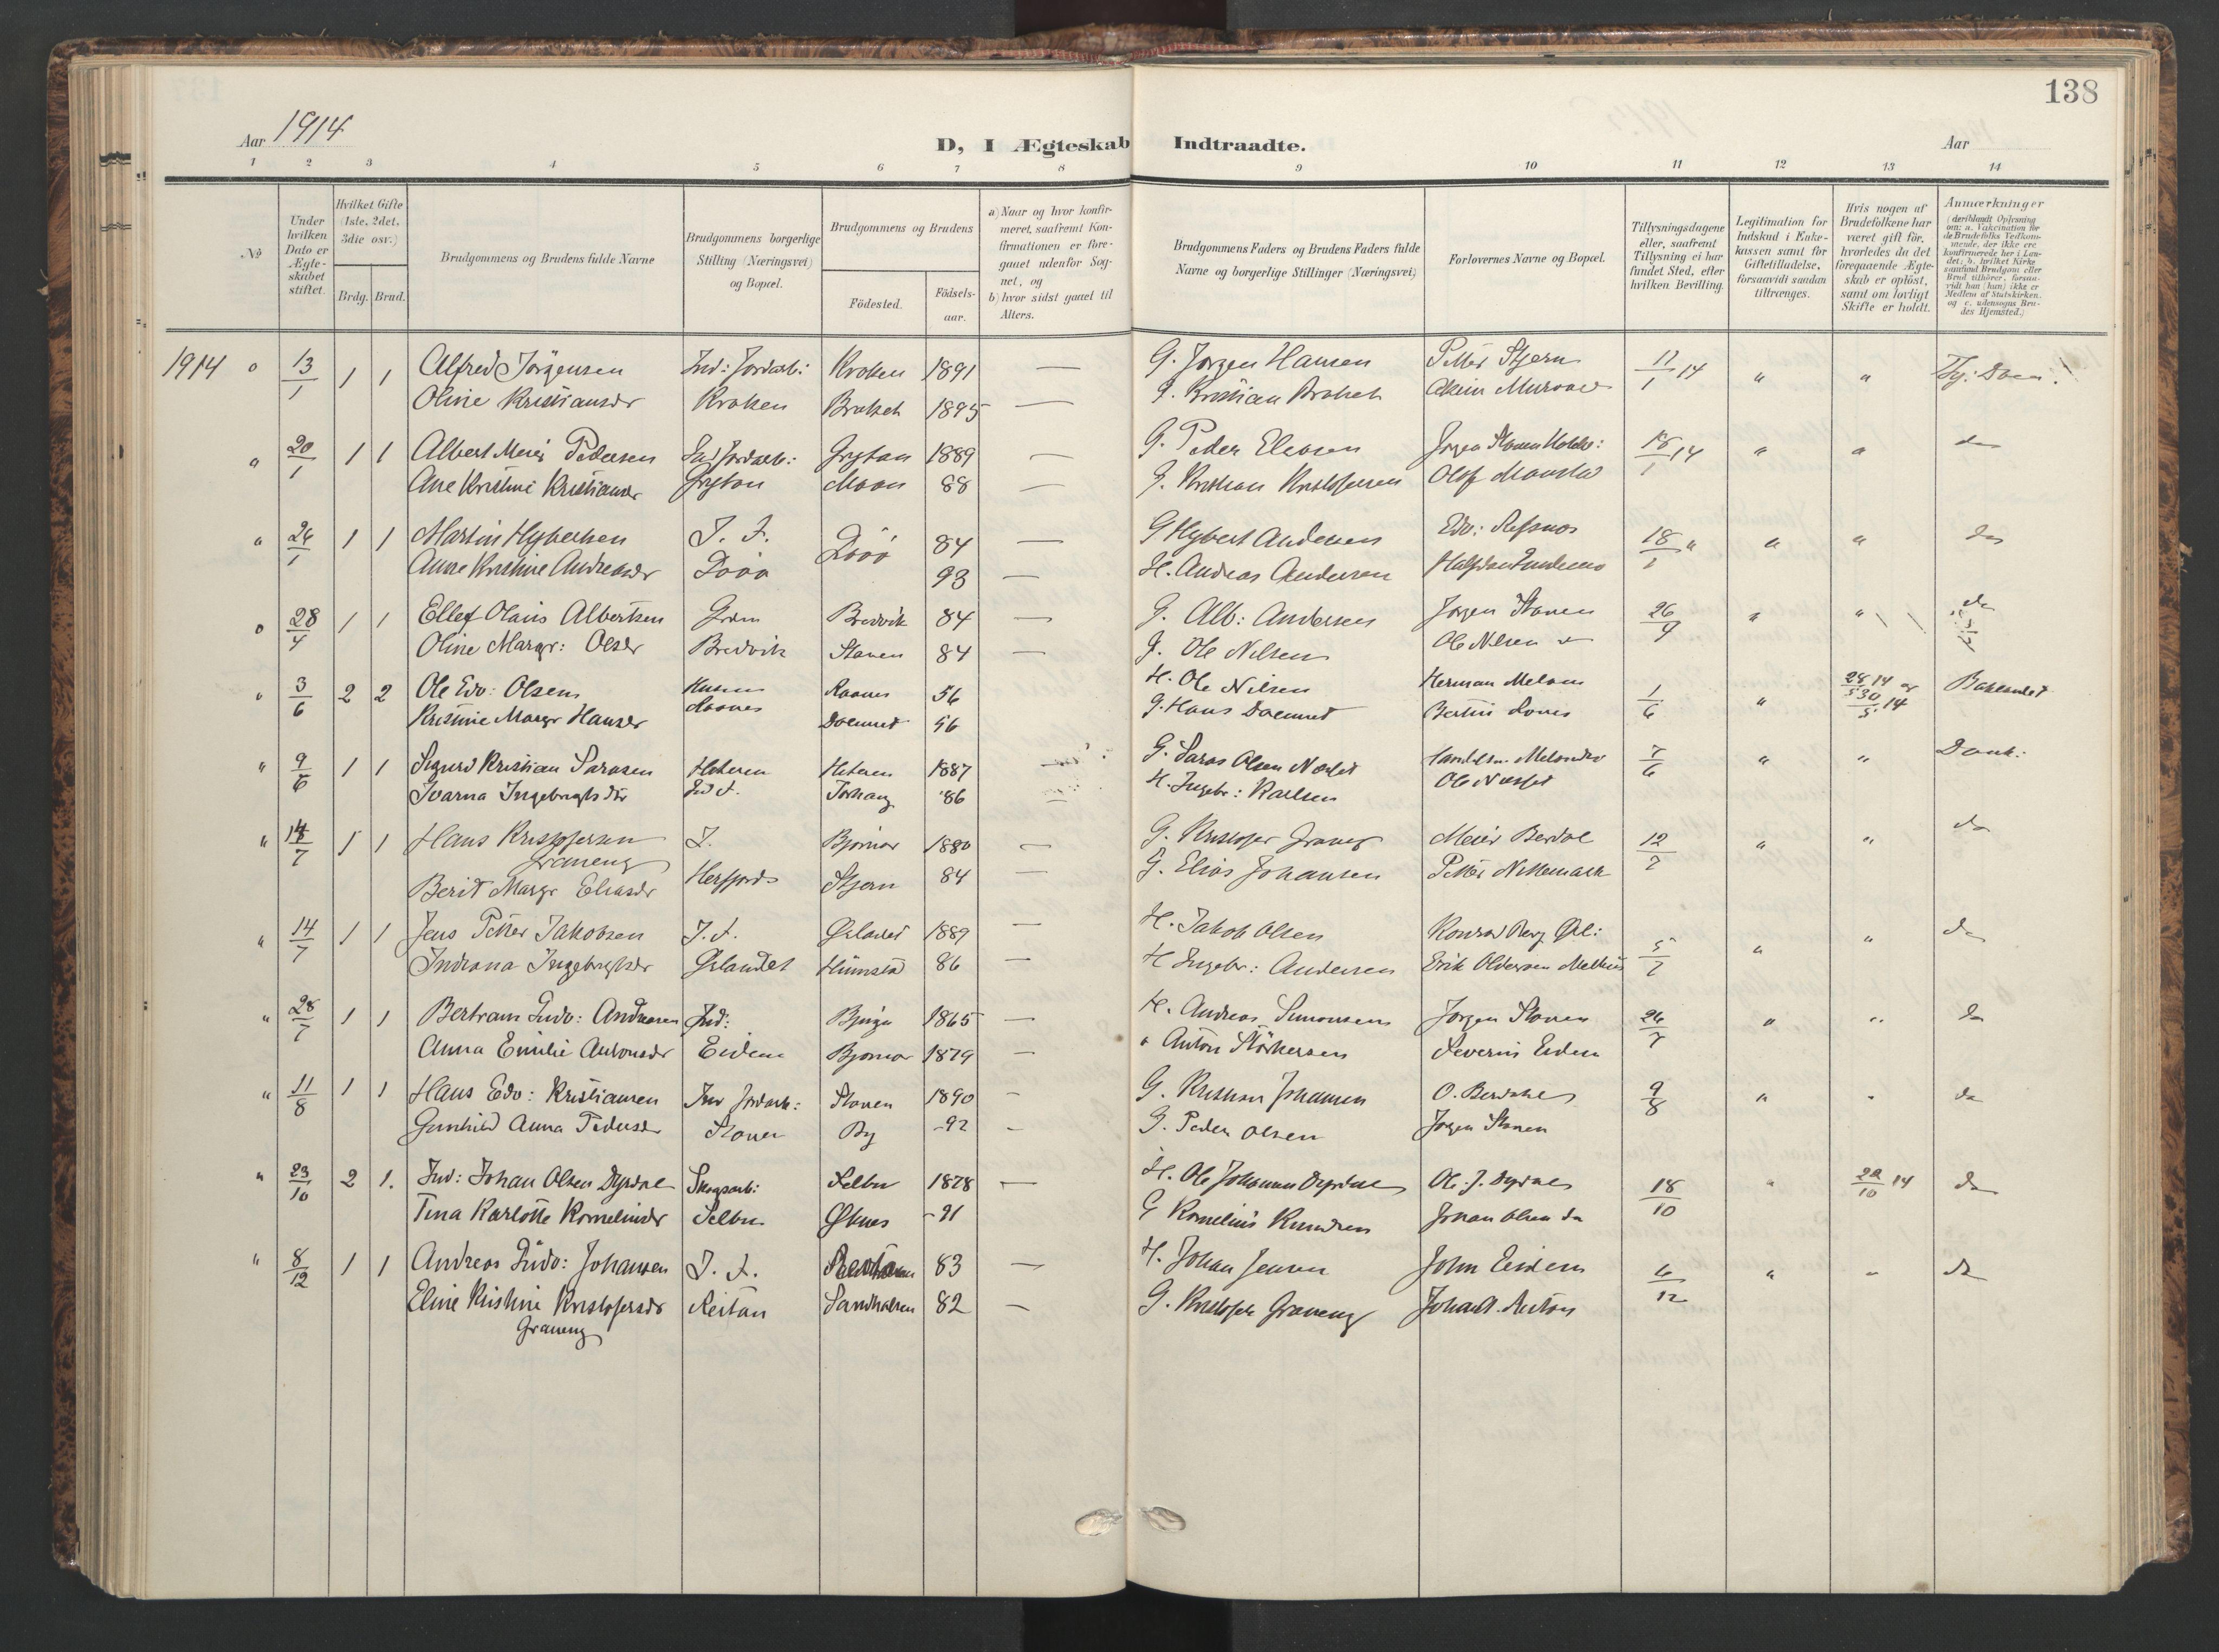 SAT, Ministerialprotokoller, klokkerbøker og fødselsregistre - Sør-Trøndelag, 655/L0682: Ministerialbok nr. 655A11, 1908-1922, s. 138